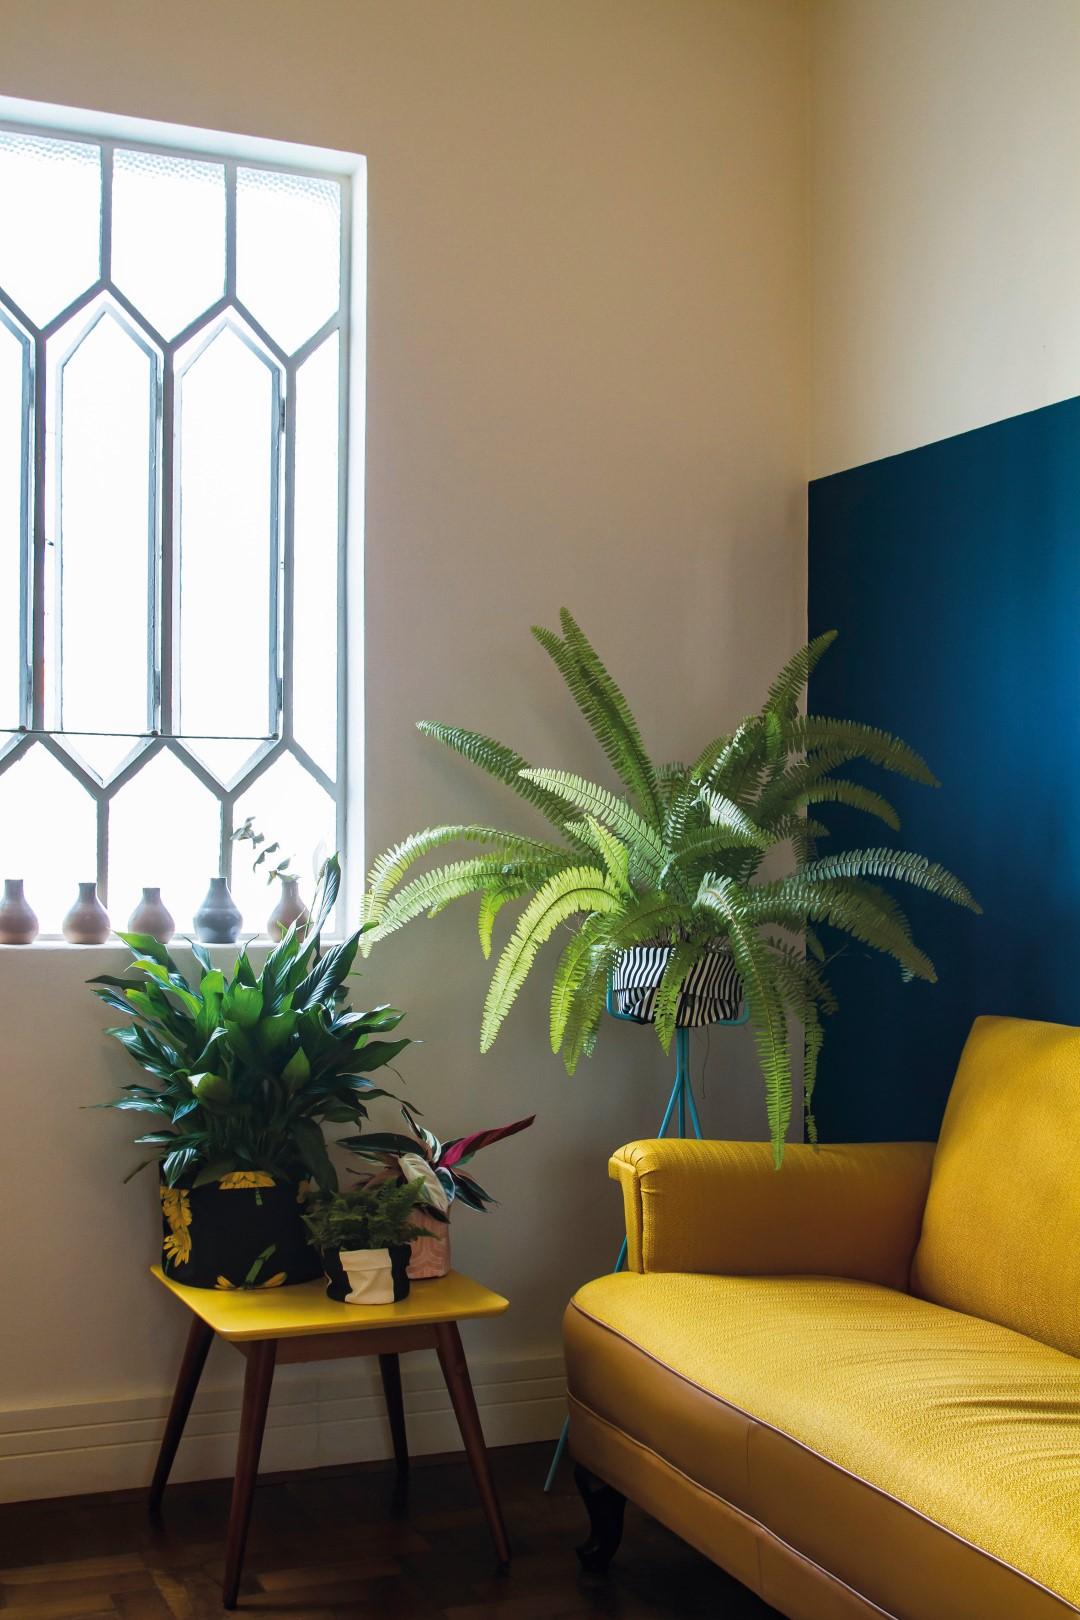 A pequena samambaia-havaiana é a escolha certa para ambientes reduzidos. Foto: Ana Gabriela Amorim / Gazeta do Povo.